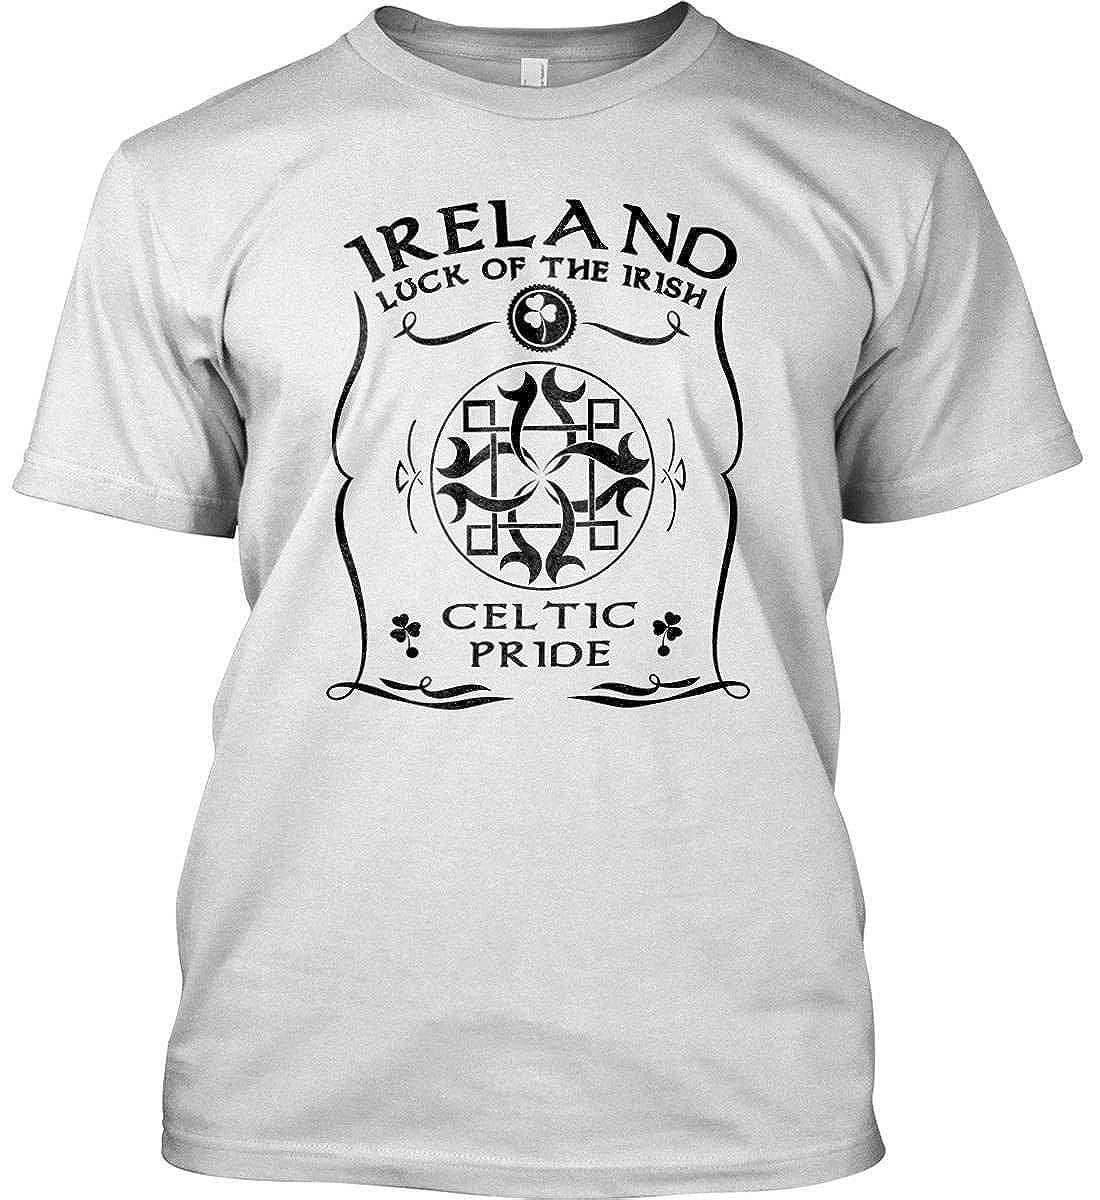 Luck of The Irish Ireland Celtic Pride Gildan Shirt. Irish T-Shirt